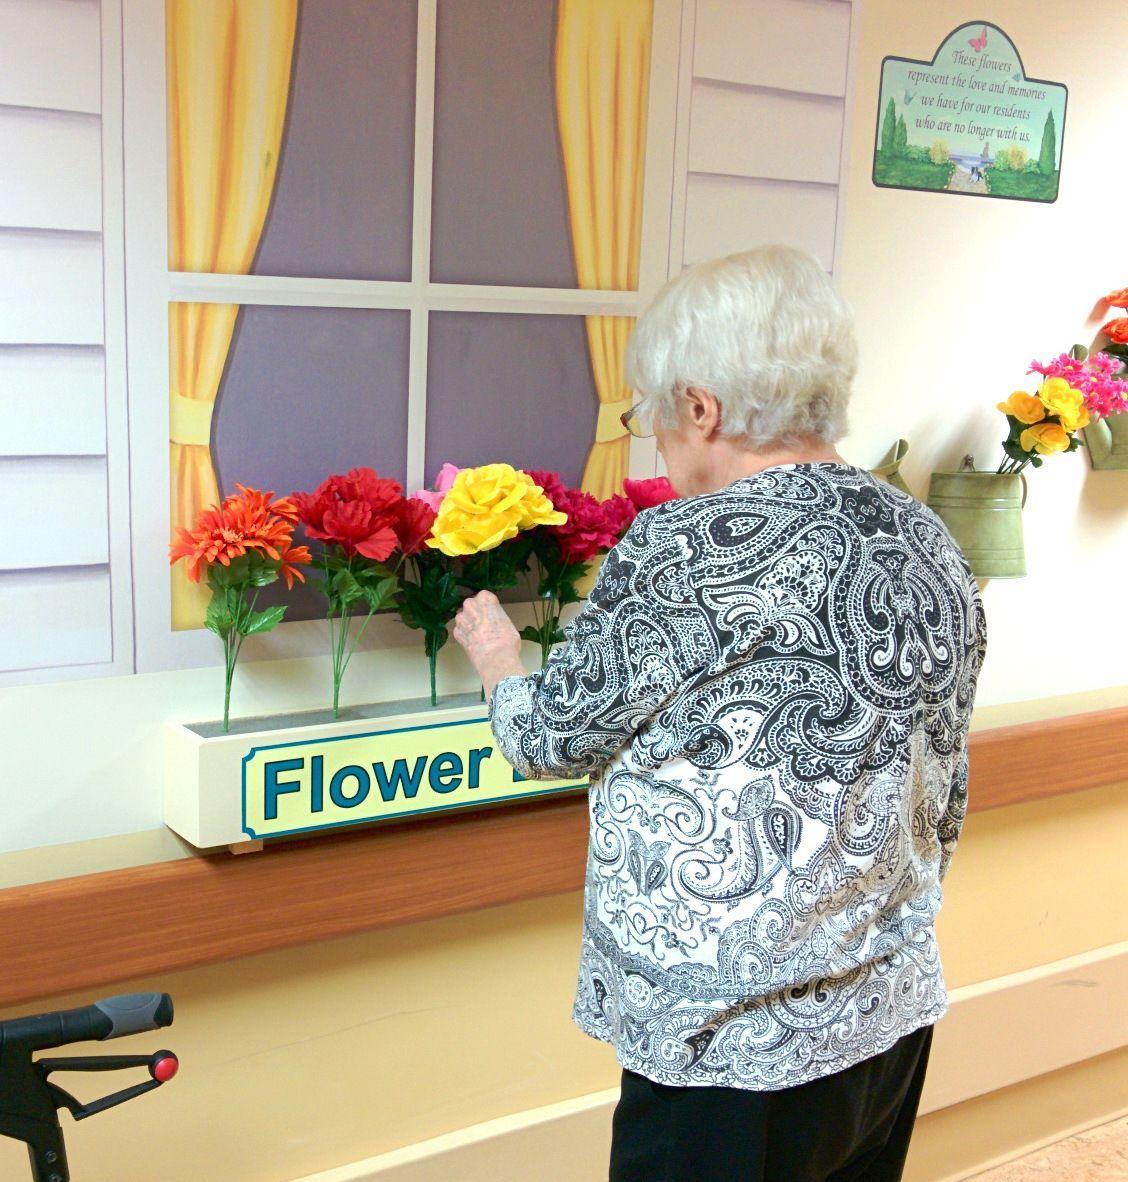 Interactive Flower Mural Nursing home activities